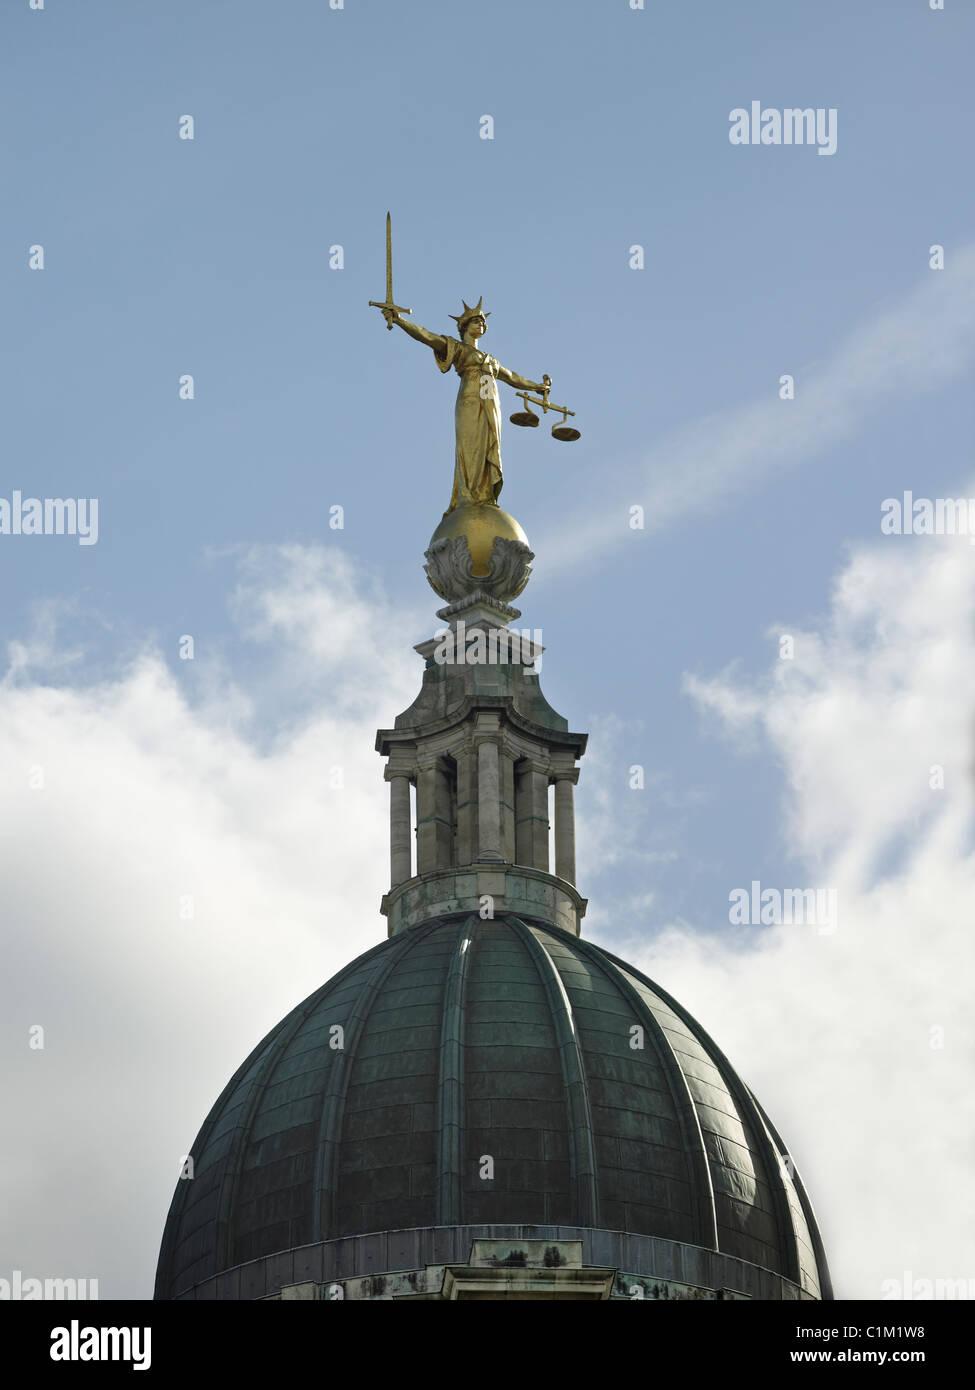 La figure de femme tenant une épée de la Justice pour la répression et l'équilibre des balances Photo Stock